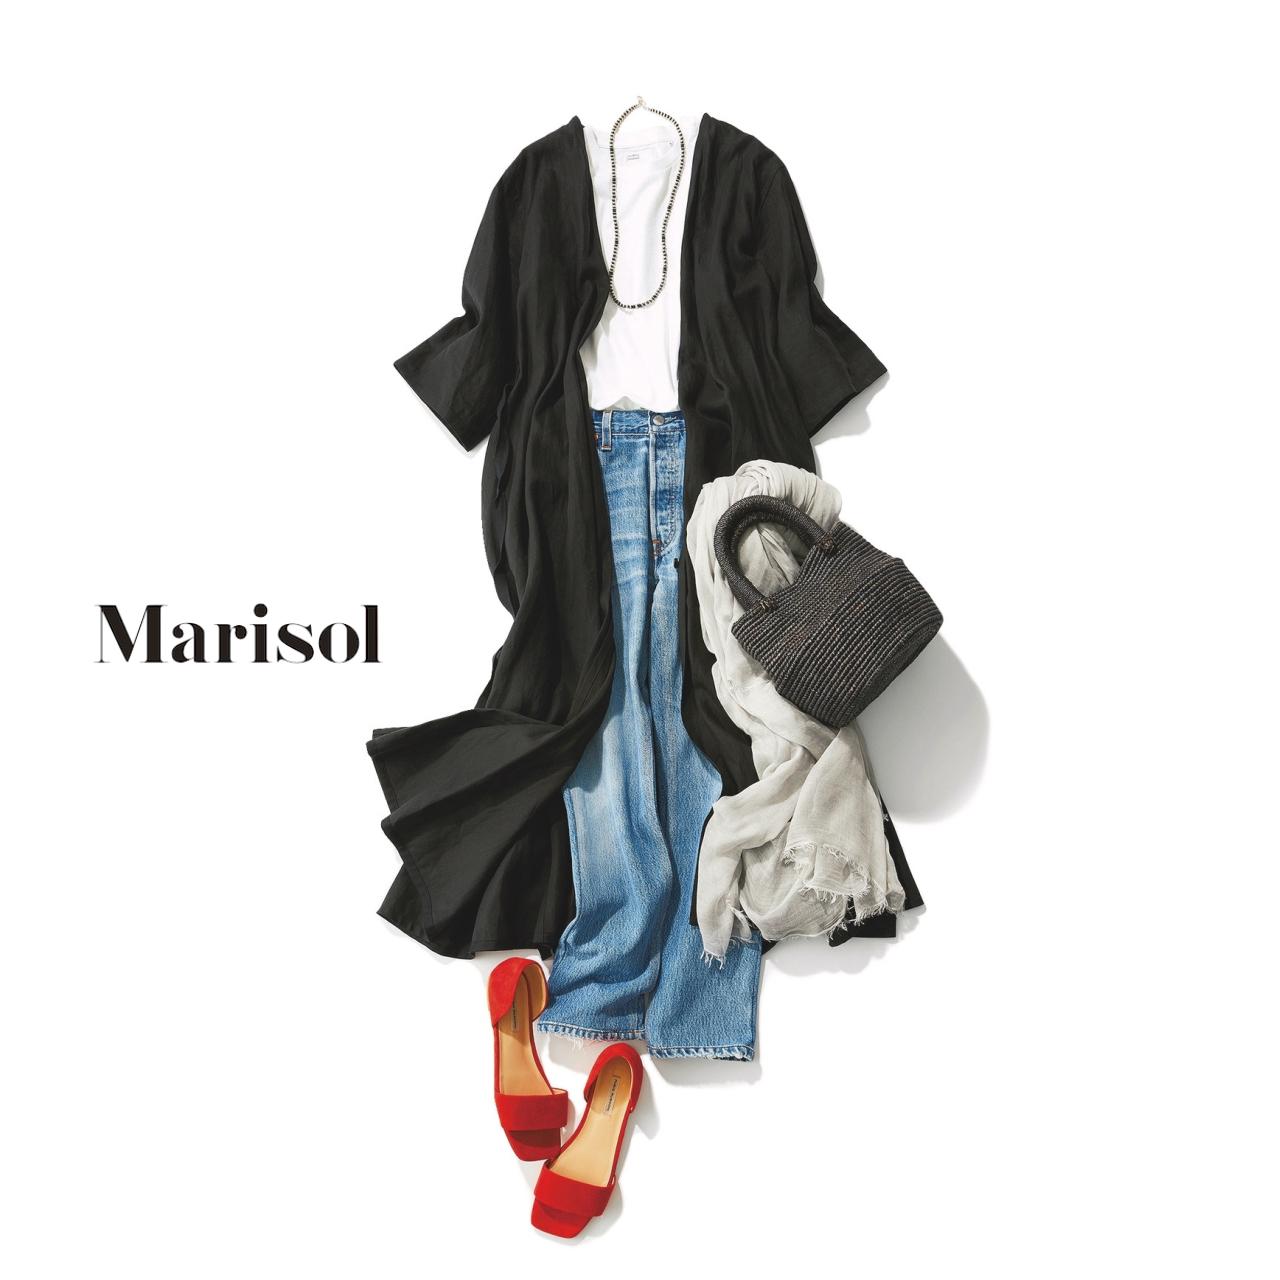 40代が輝く、大人のための上品カジュアルなTシャツコーデカタログ | アラフォーファッション_1_13